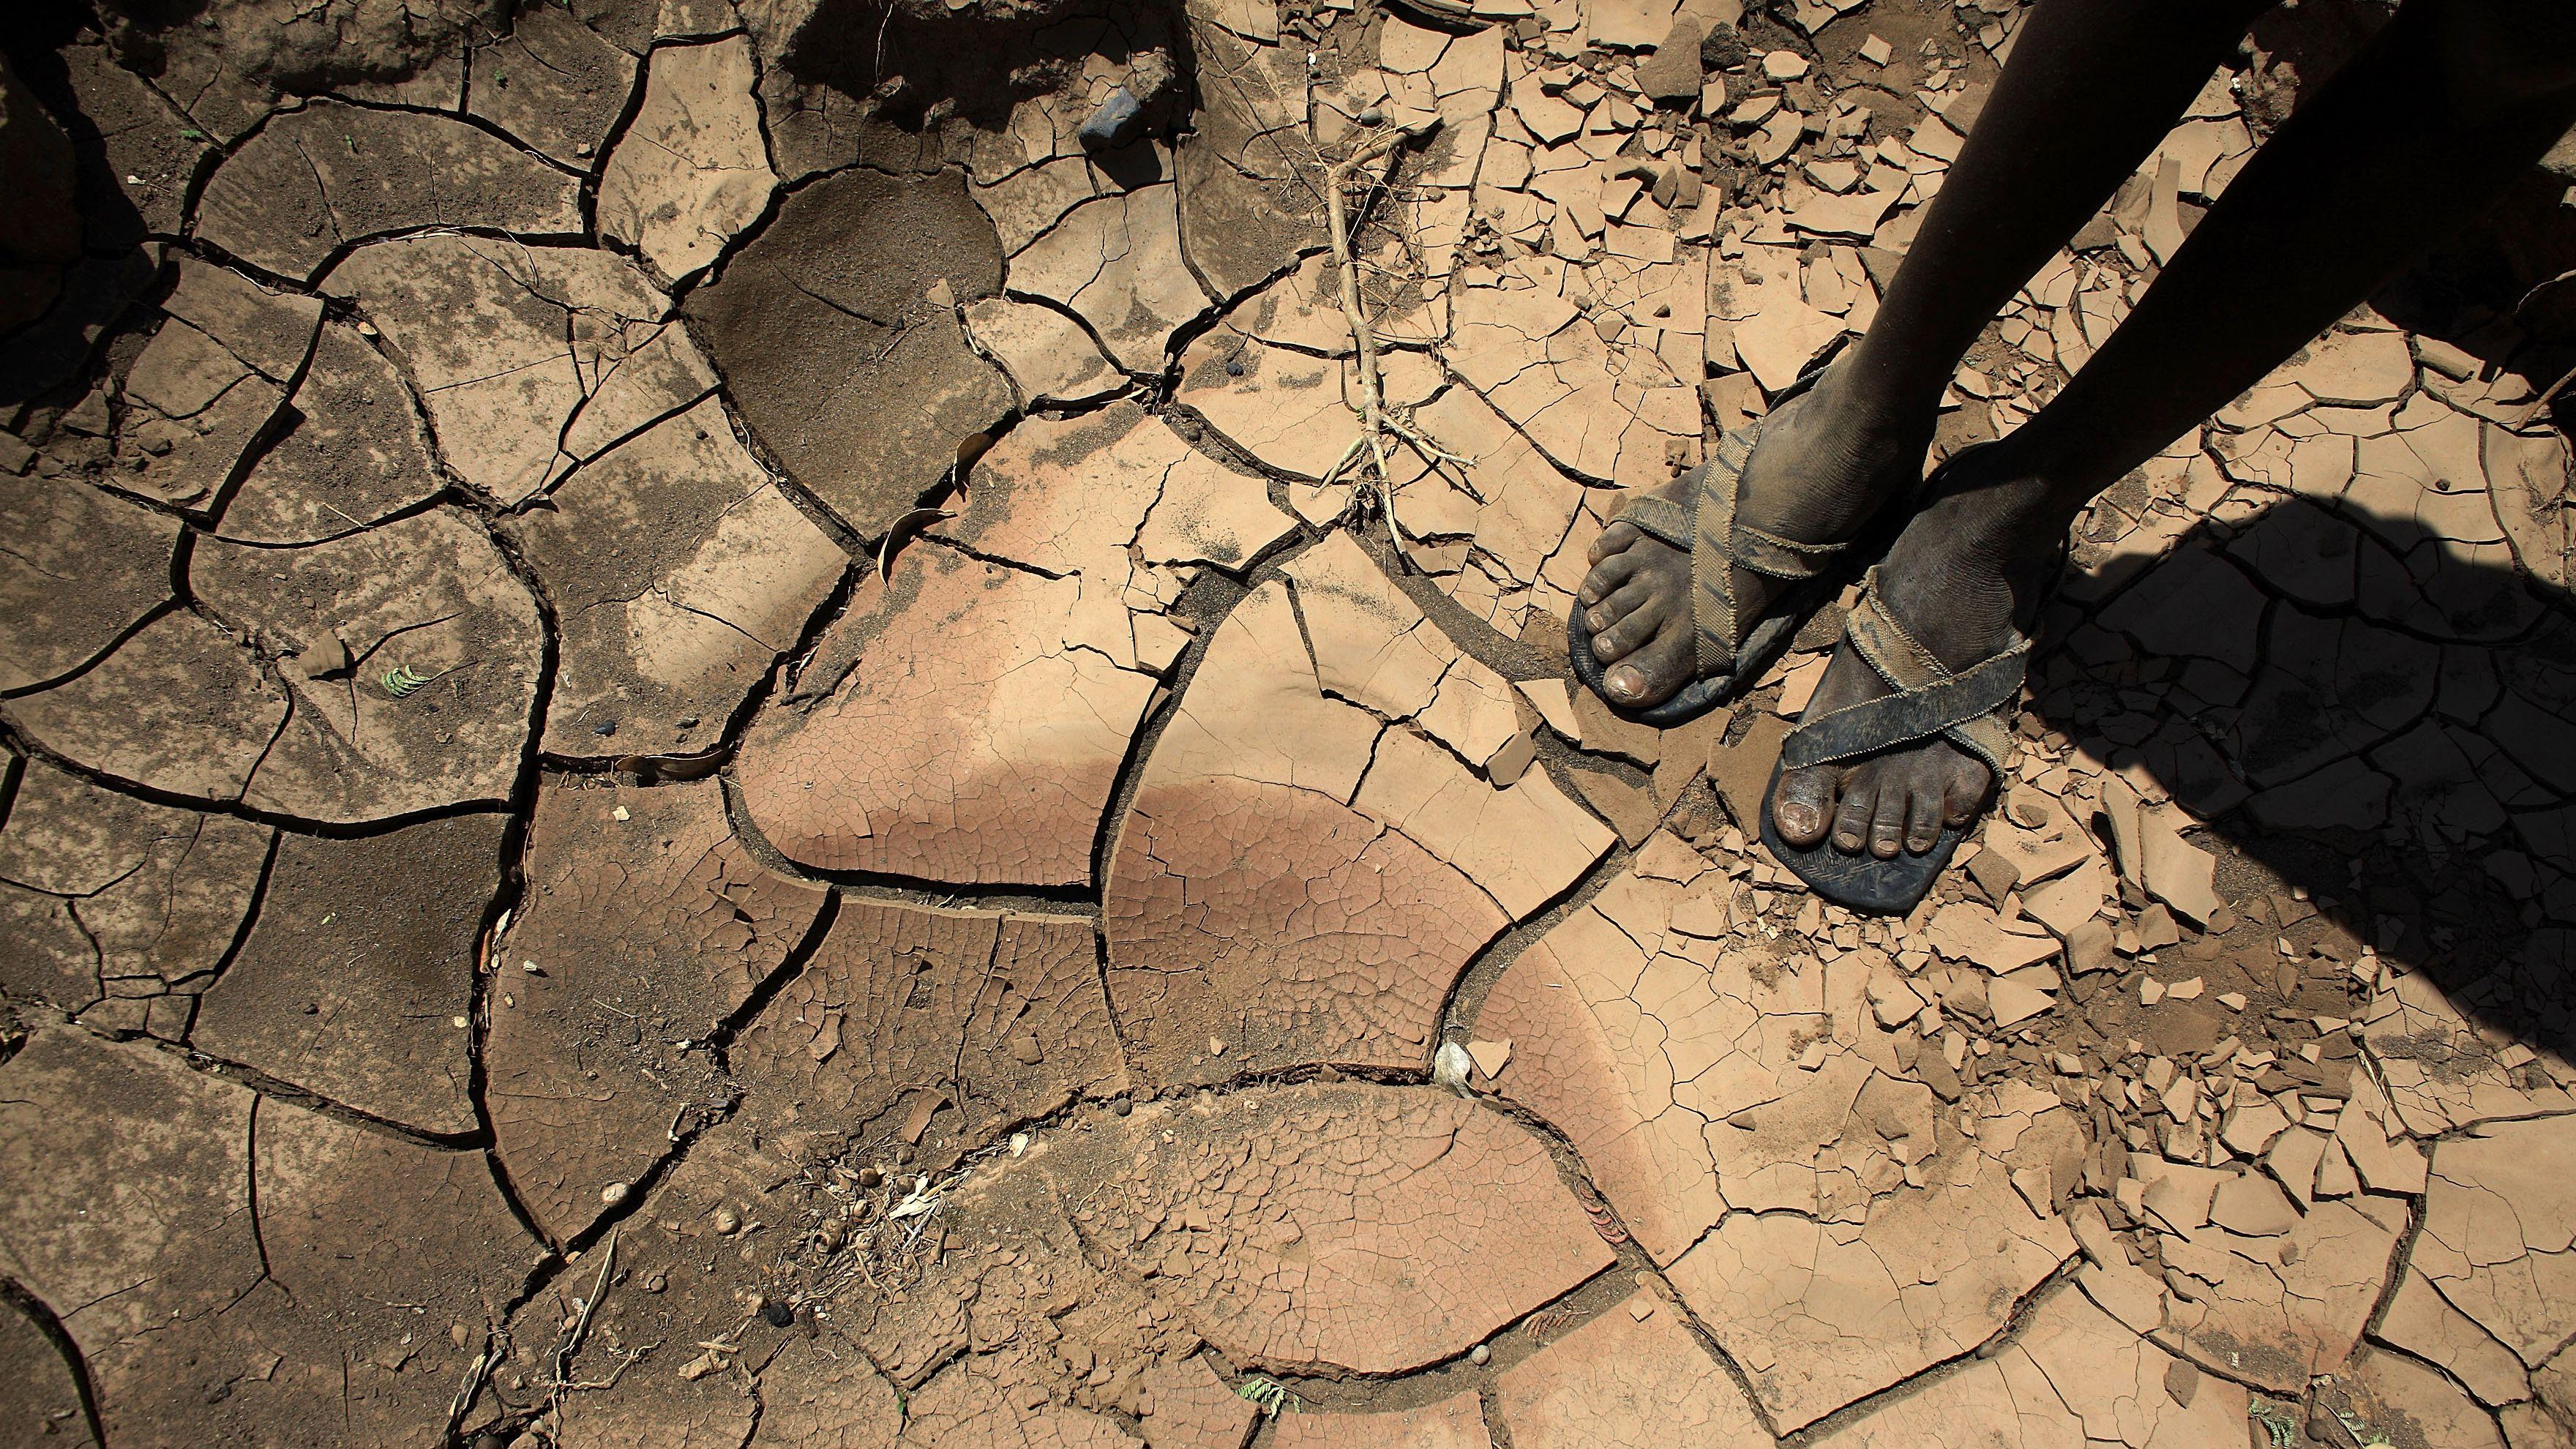 貧困国は貧しく、富裕国は豊かに=地球温暖化、すでに経済に影響